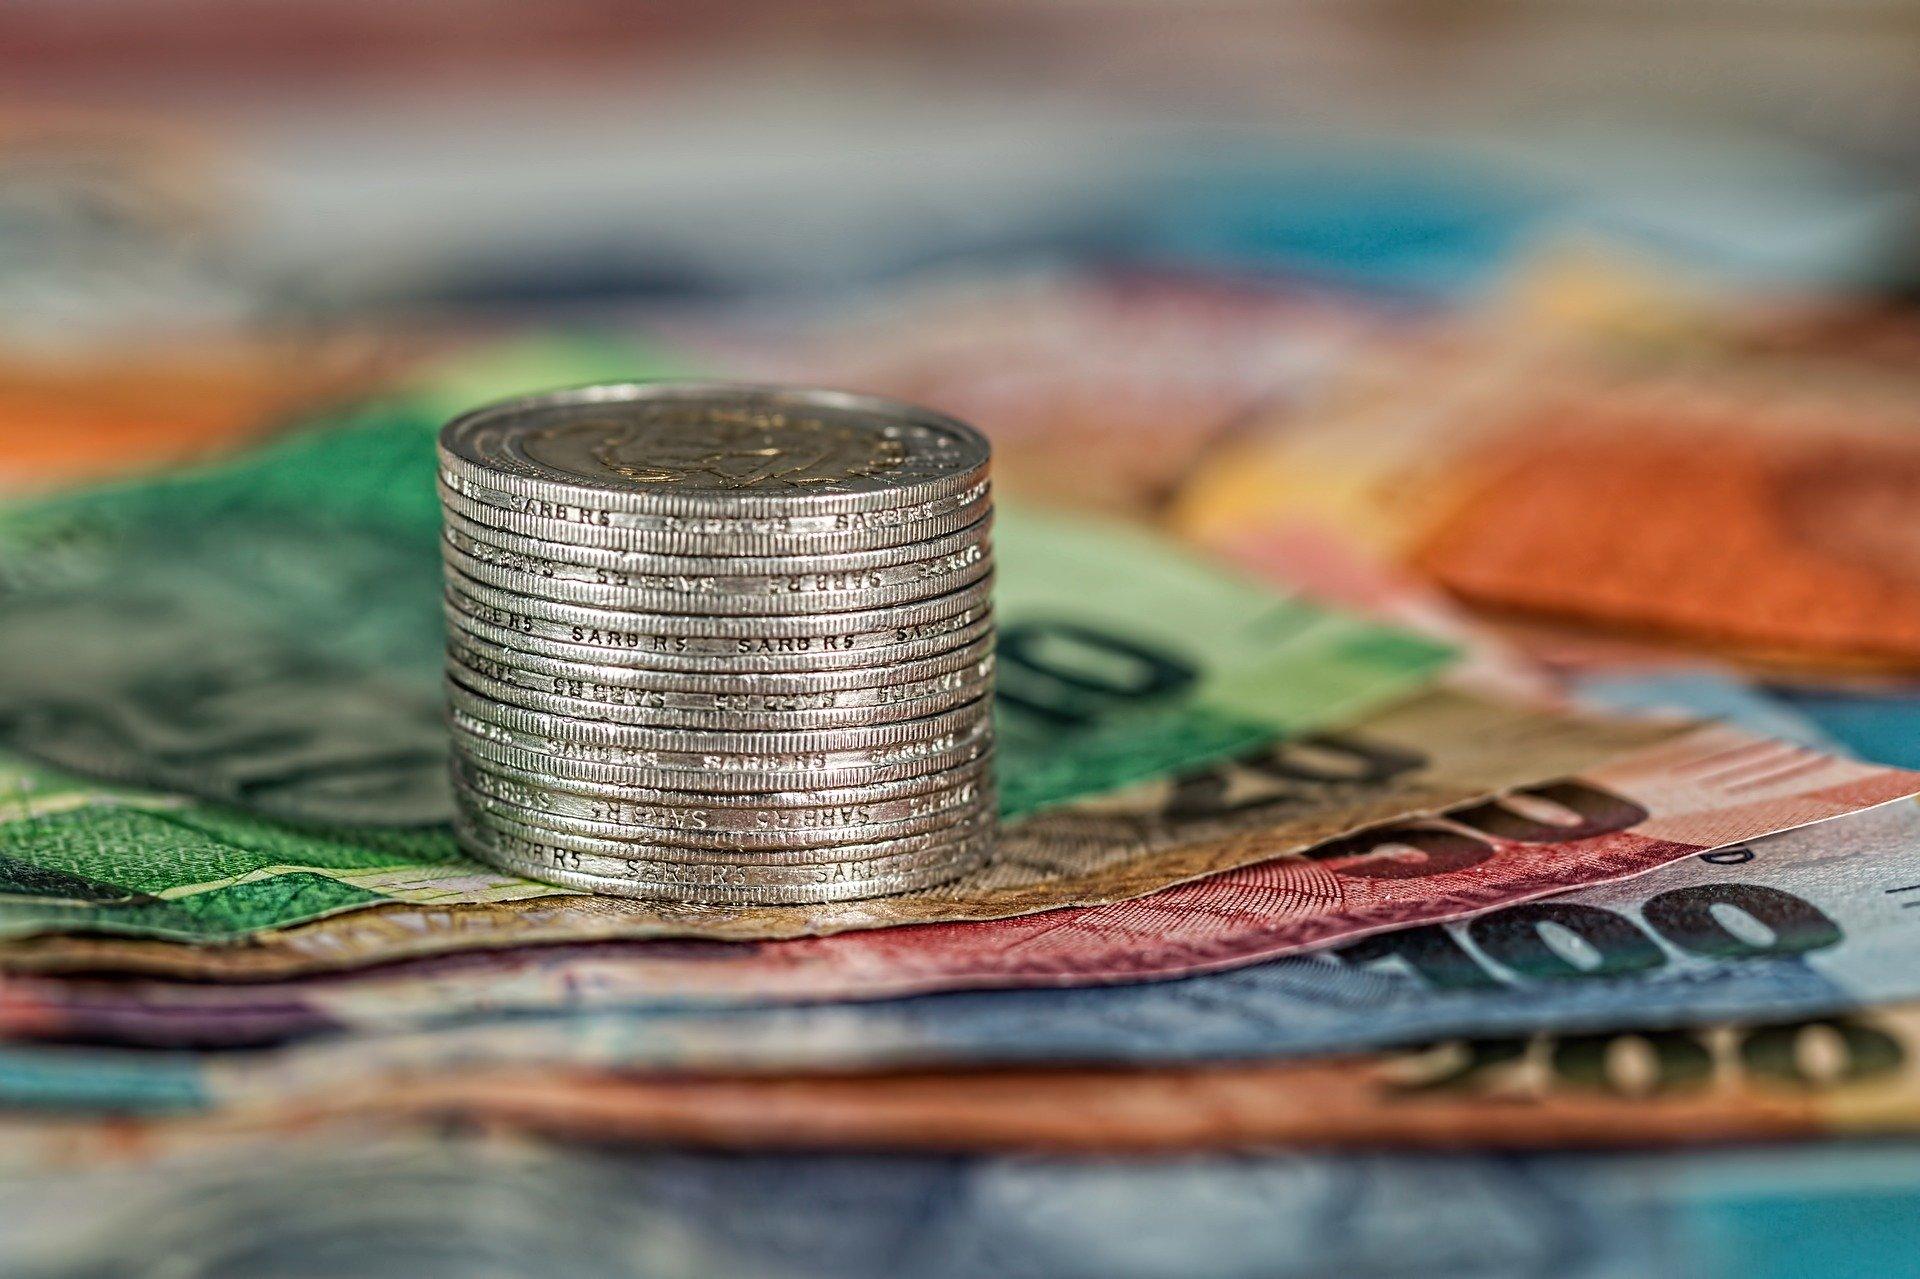 Más que una revolución, las monedas digitales emitidas por bancos centrales representan la evolución del dinero, según el líder del Centro de Innovación del Banco de Pagos Internacionales